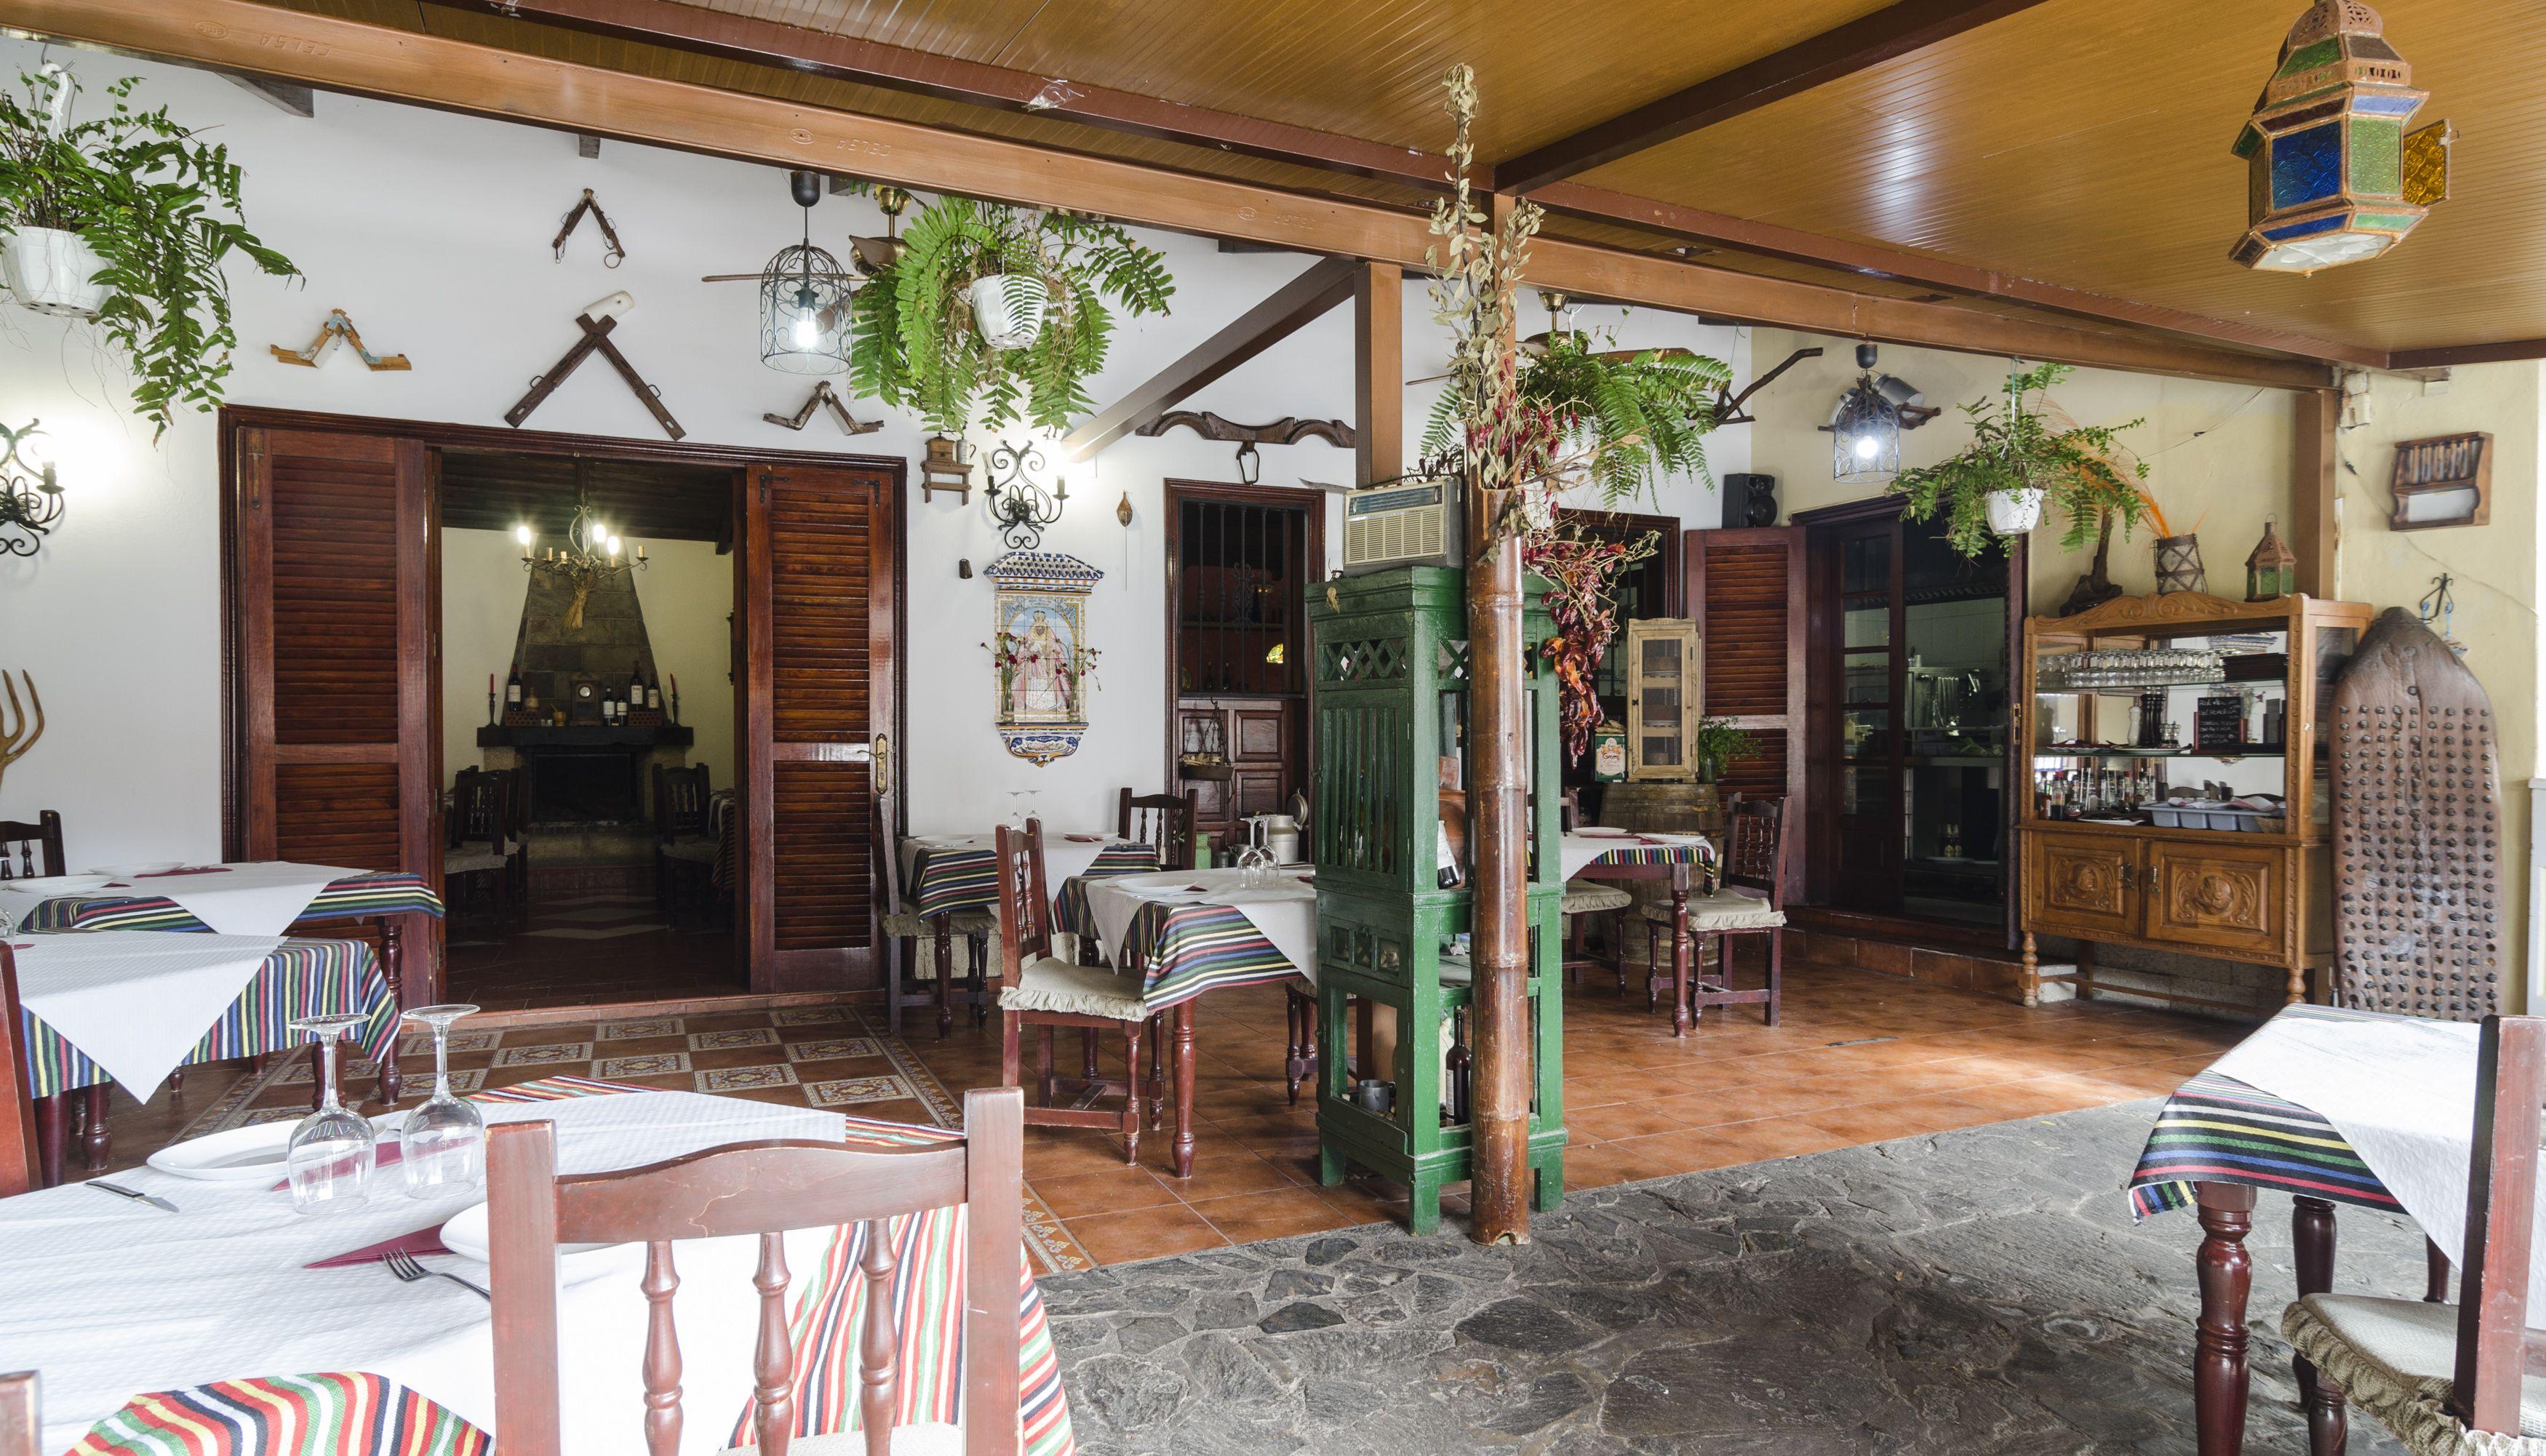 Restaurante con terraza para fumadores en Santa Cruz de Tenerife